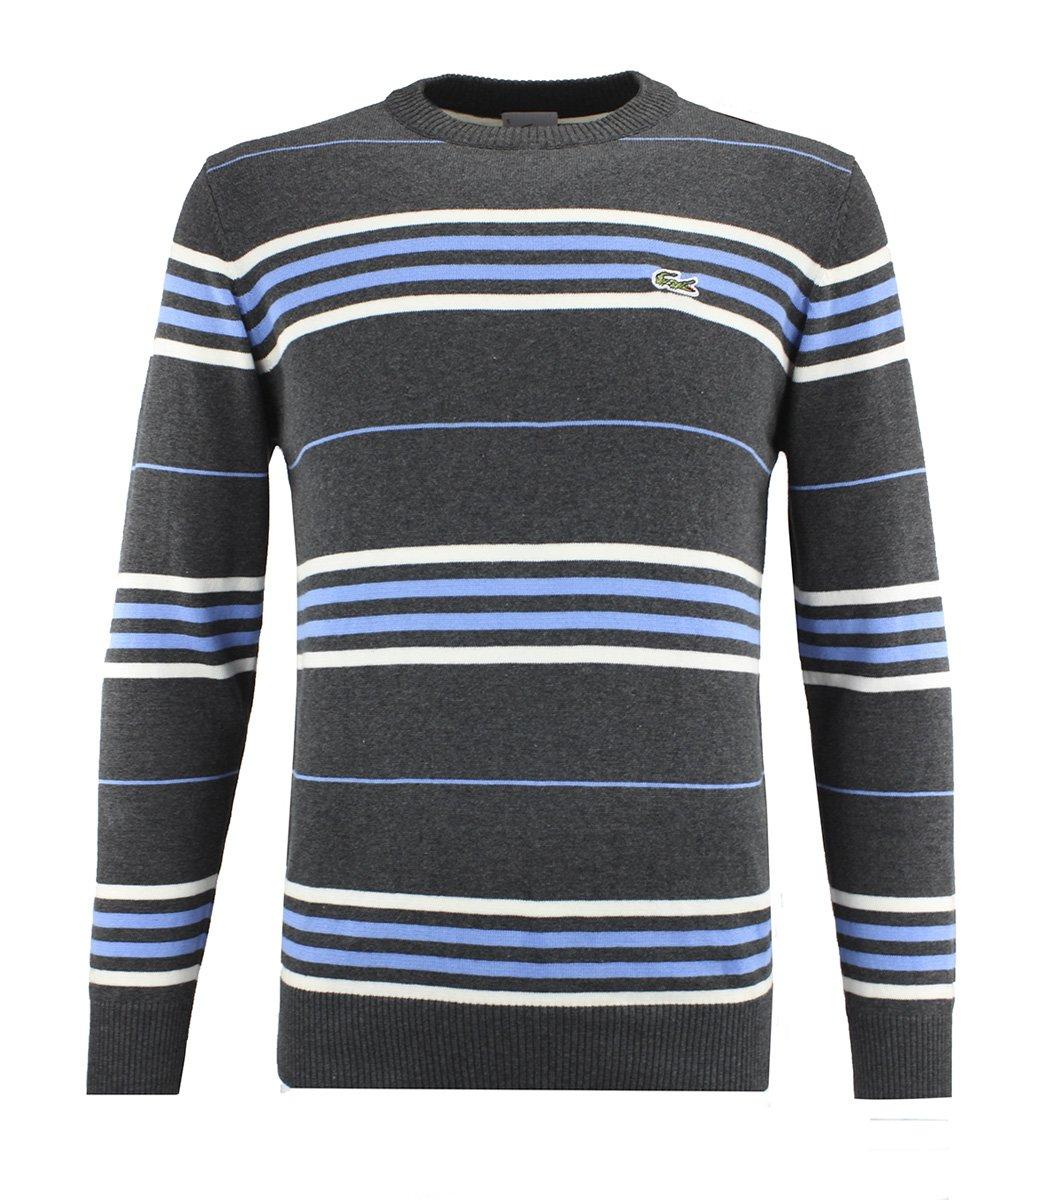 Джемпер в полоску Lacoste JL1 (Серый/Голубой)